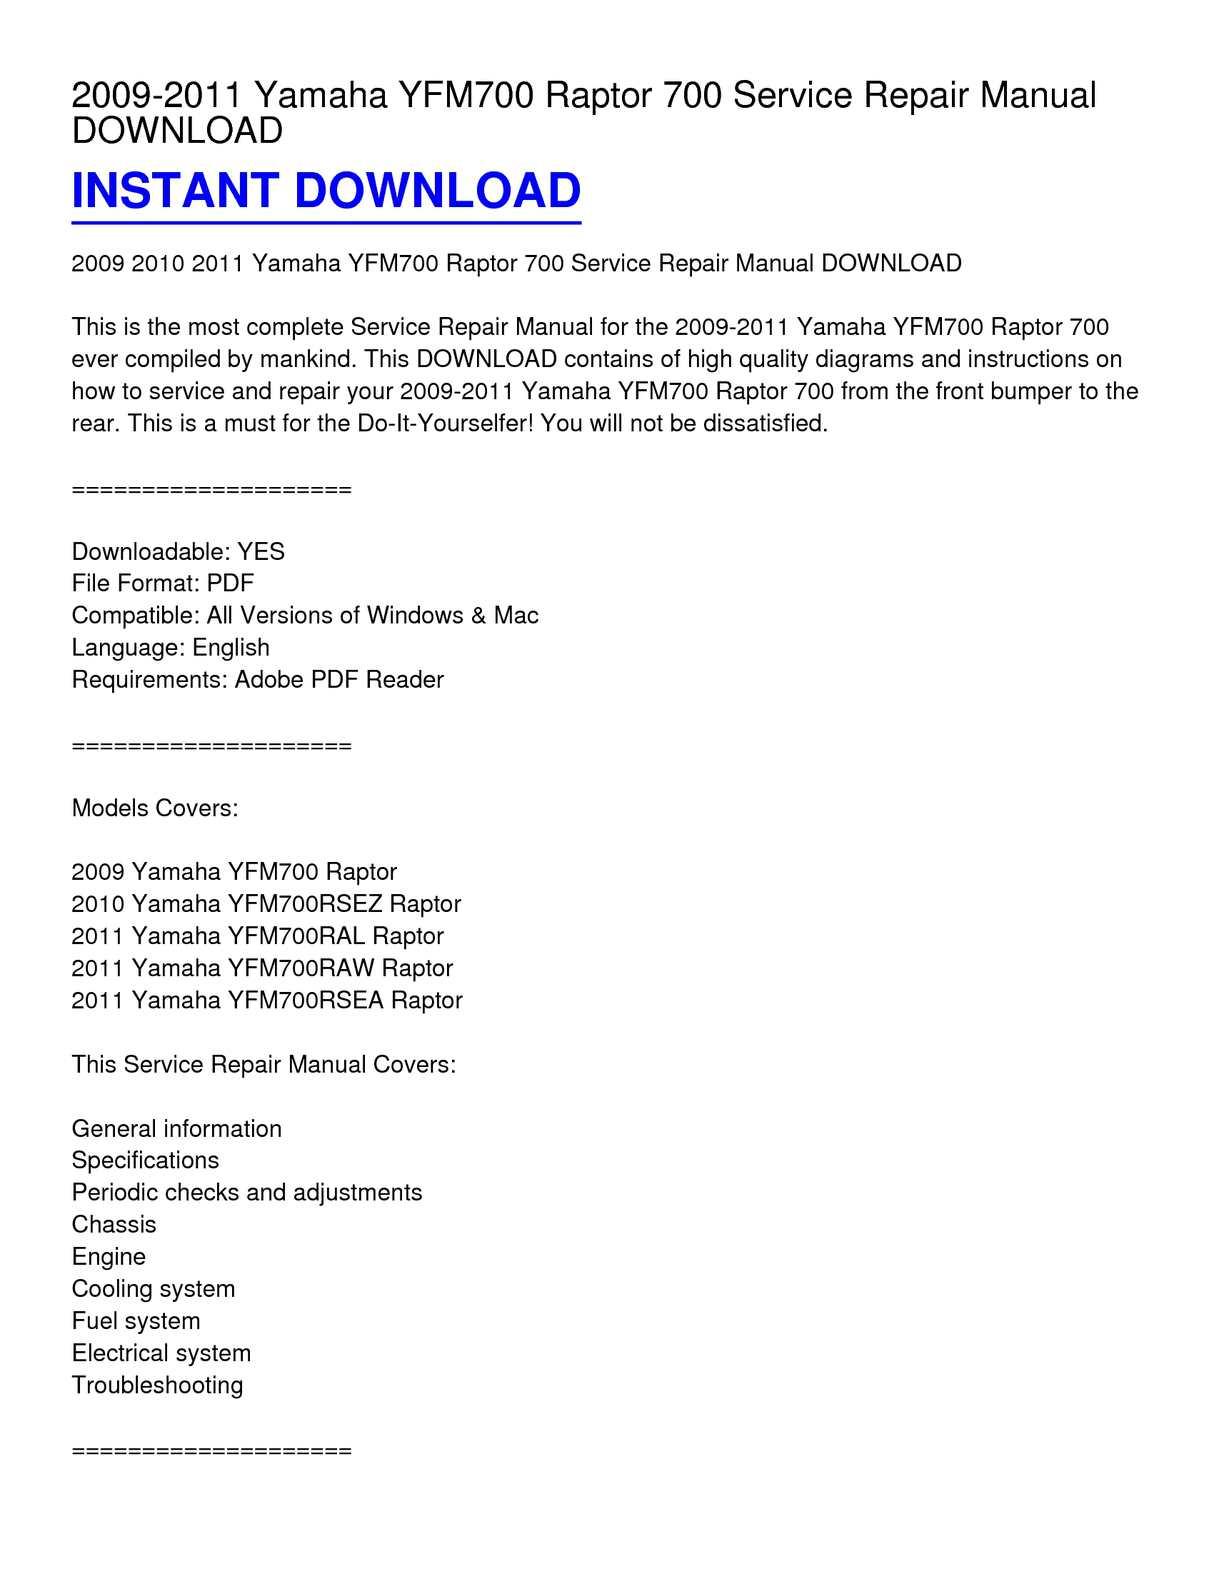 2009-2011 yamaha yfm700 raptor 700 service repair manual download